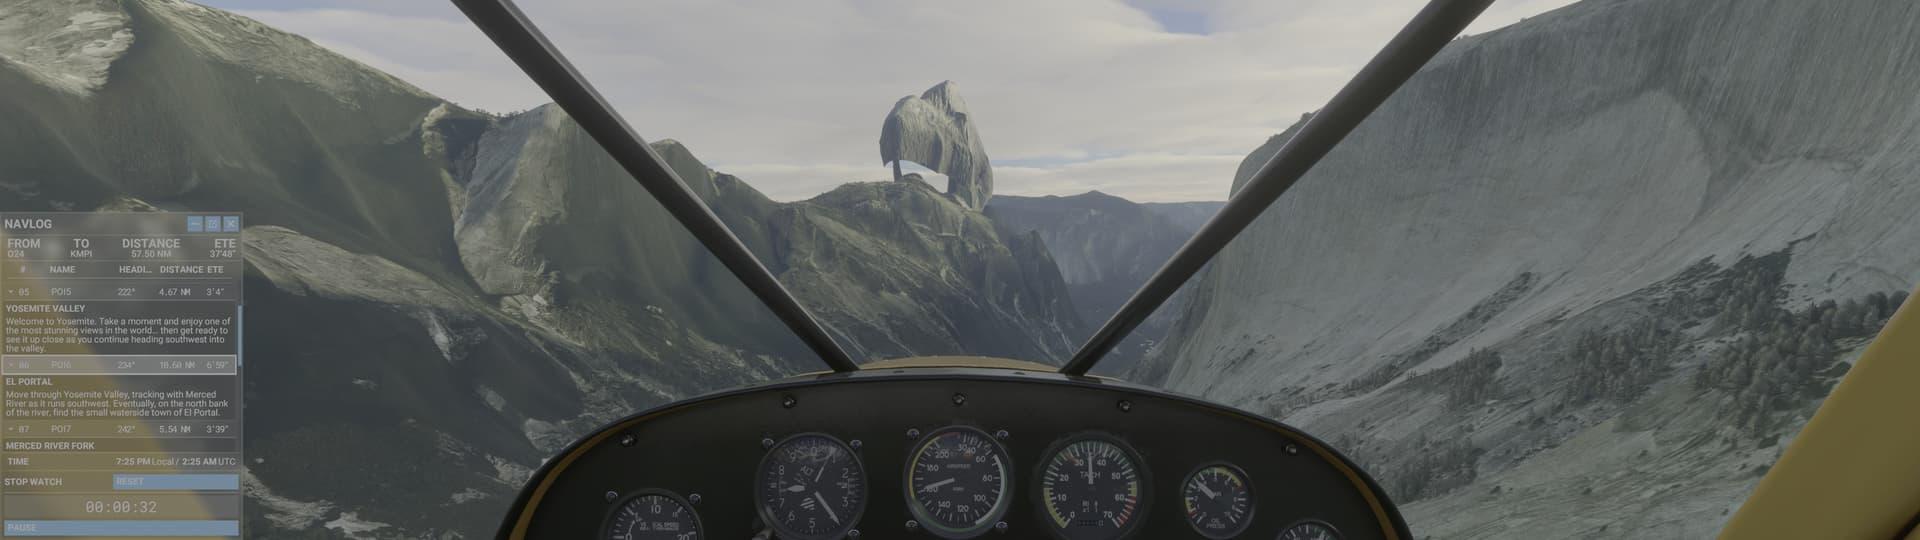 Microsoft Flight Simulator Screenshot 2021.09.13 - 19.22.03.08 Thumbnail